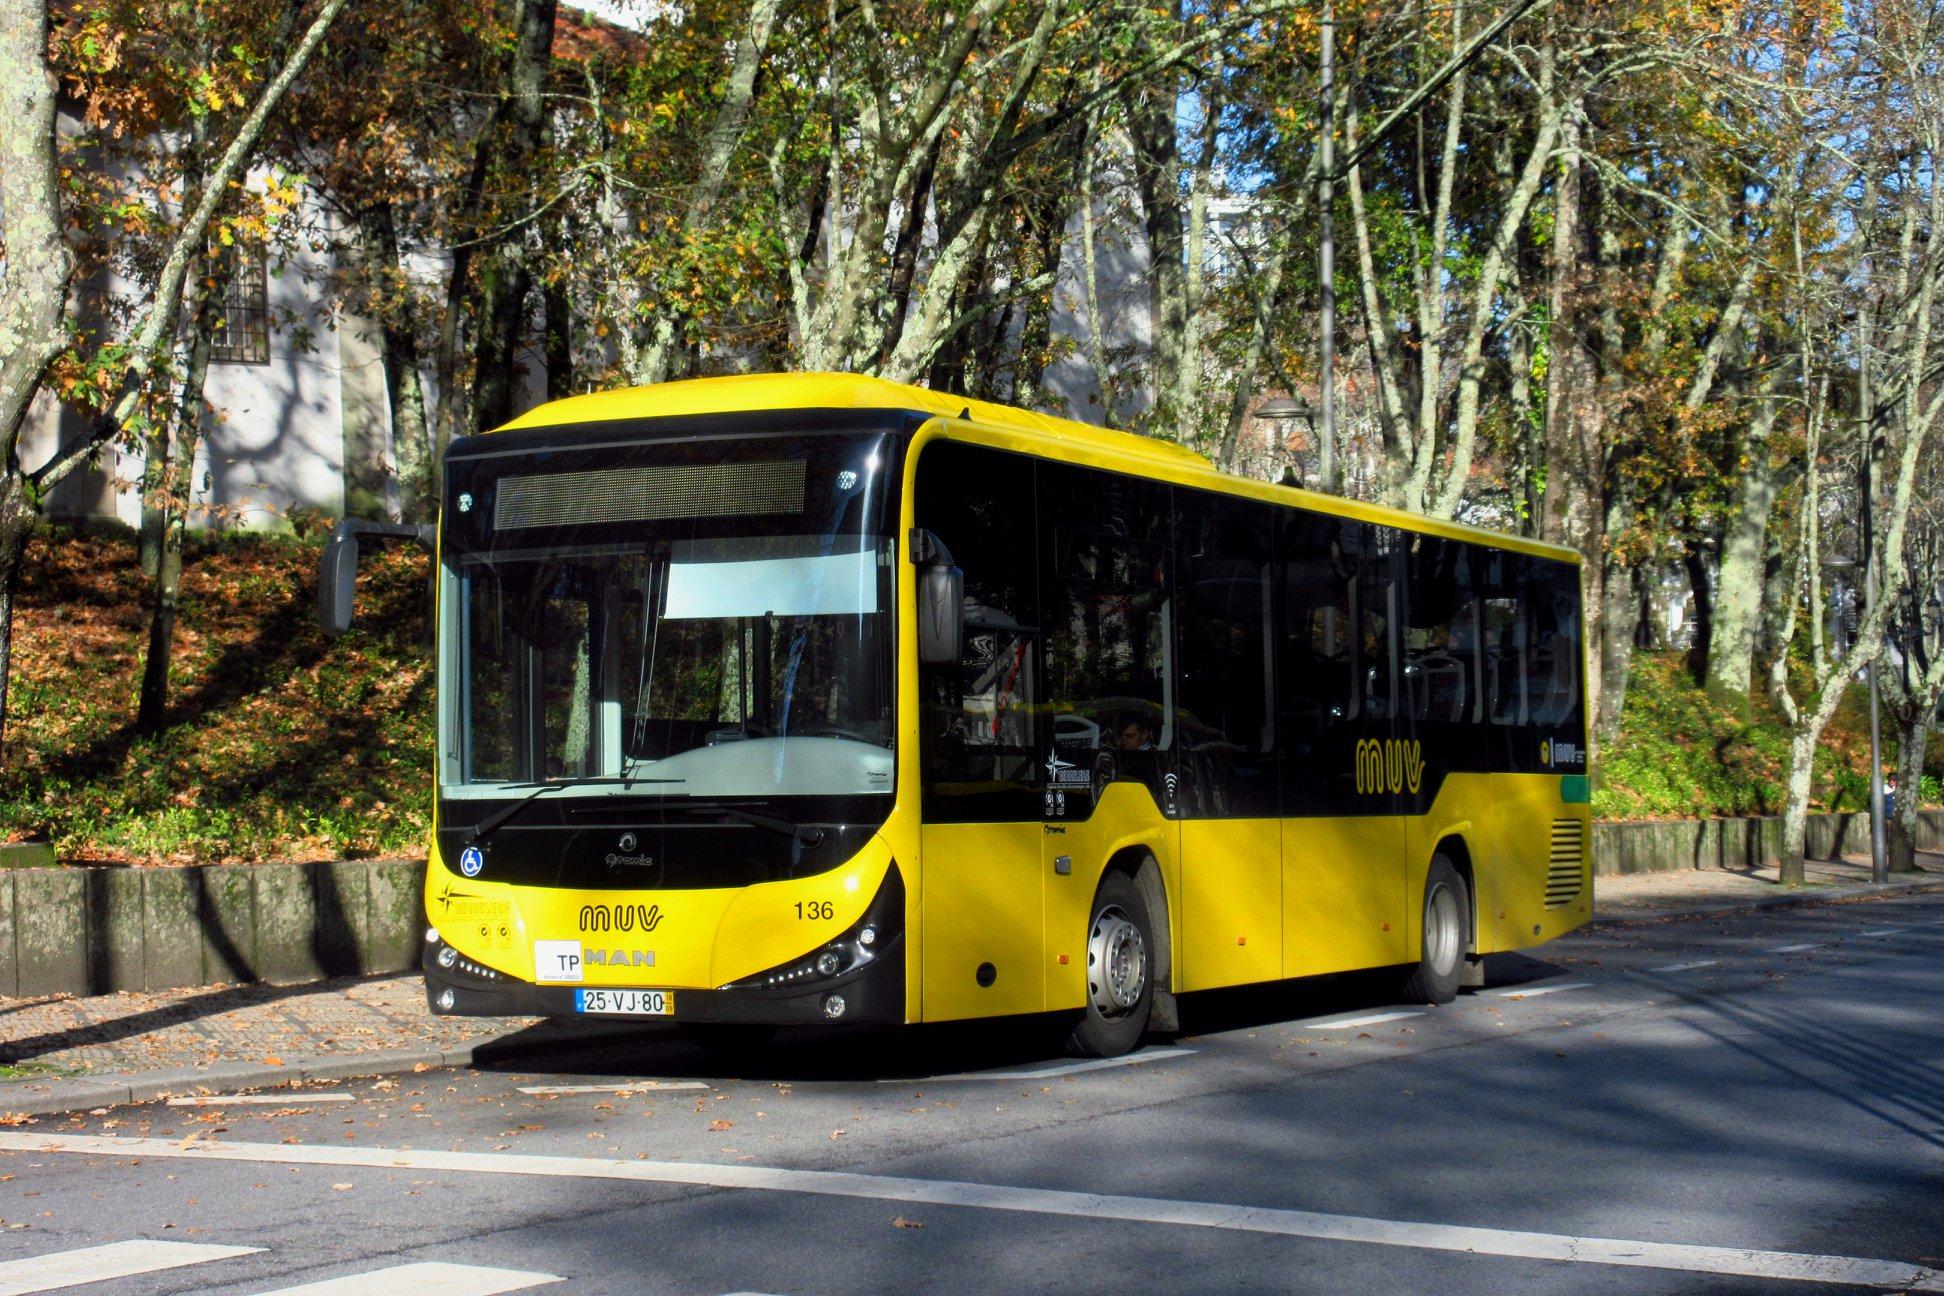 Câmara Municipal de Viseu questionada por causa da sobrelotação nos autocarros MUV